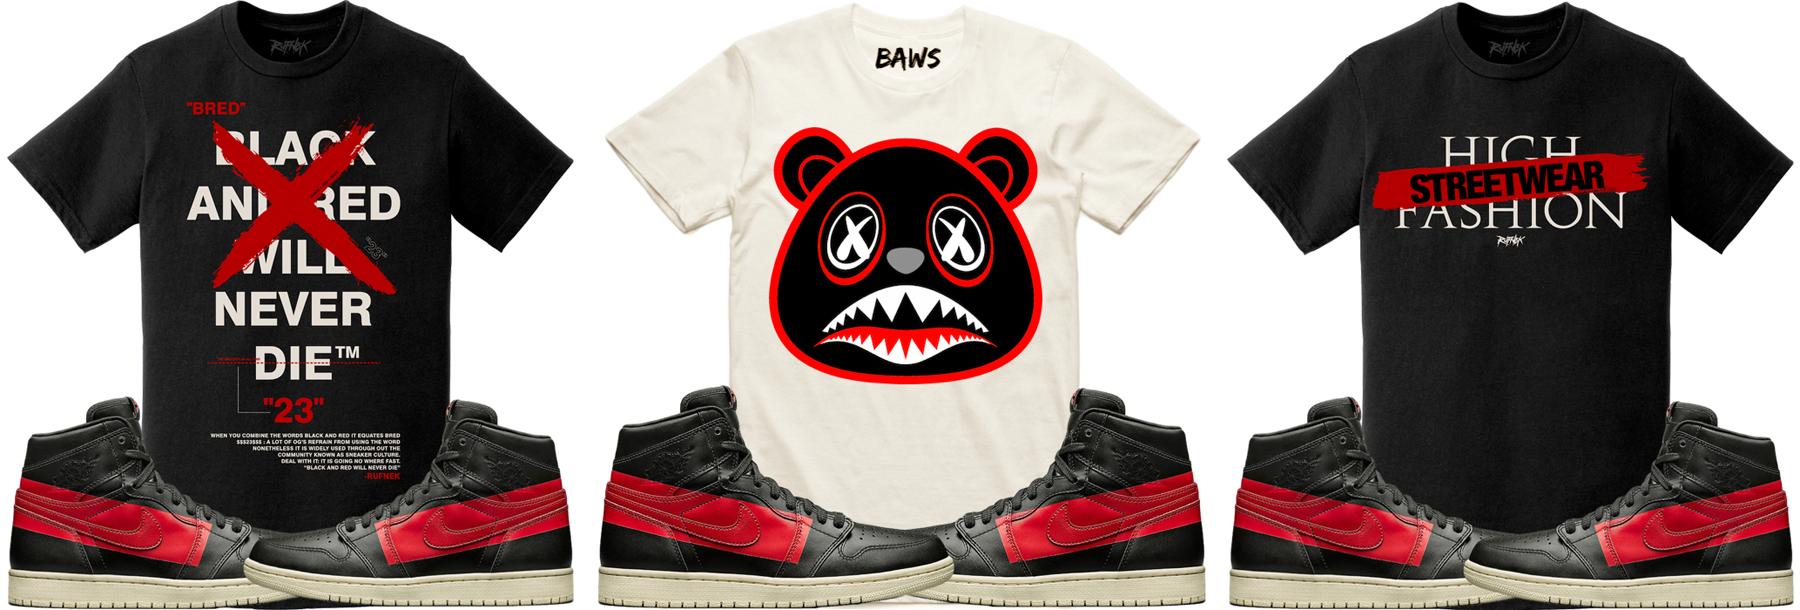 air-jordan-1-couture-sneaker-tees-shirts